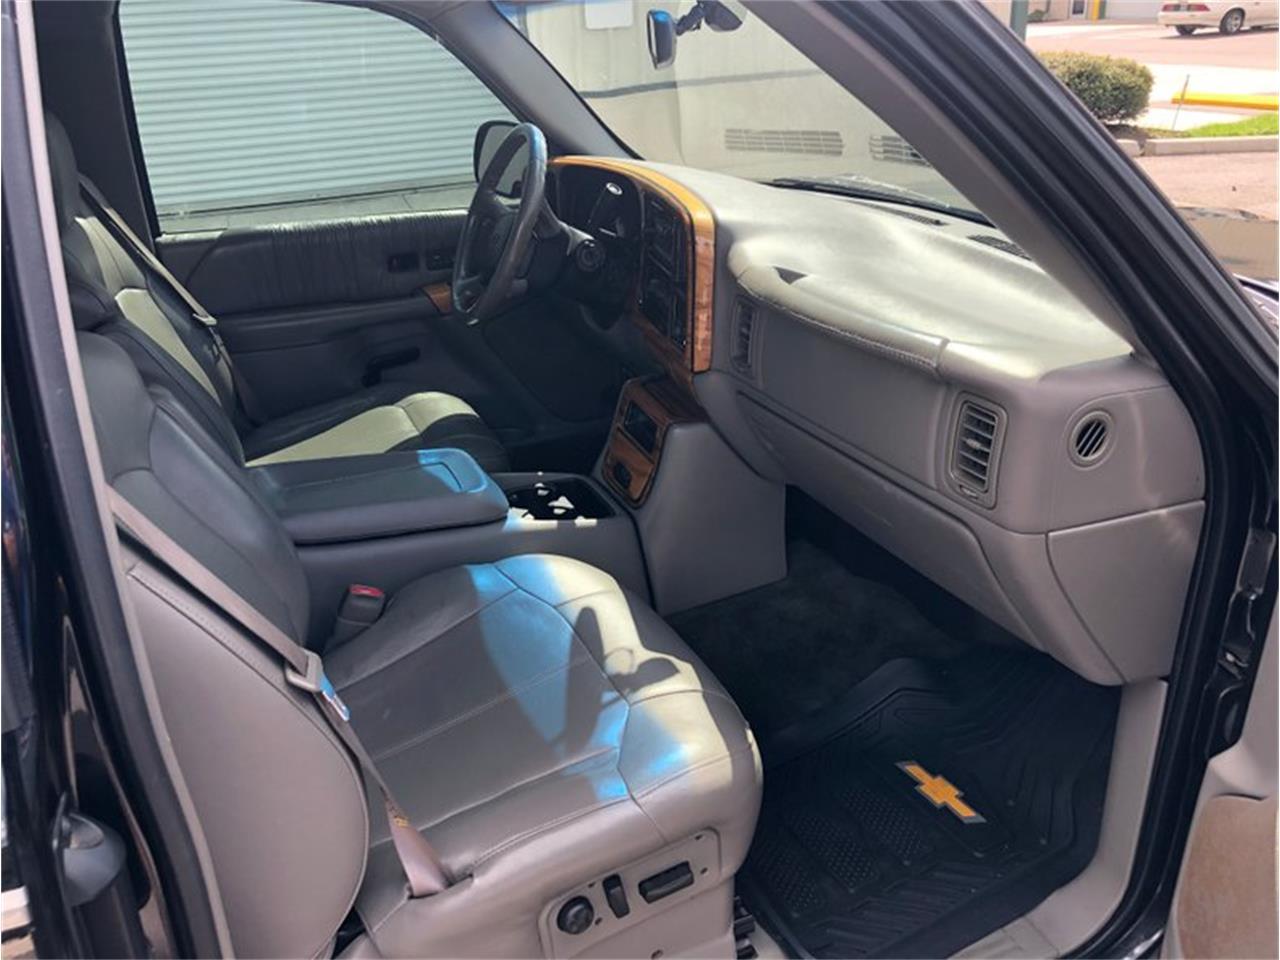 2000 Chevrolet Silverado (CC-1410584) for sale in Palmetto, Florida